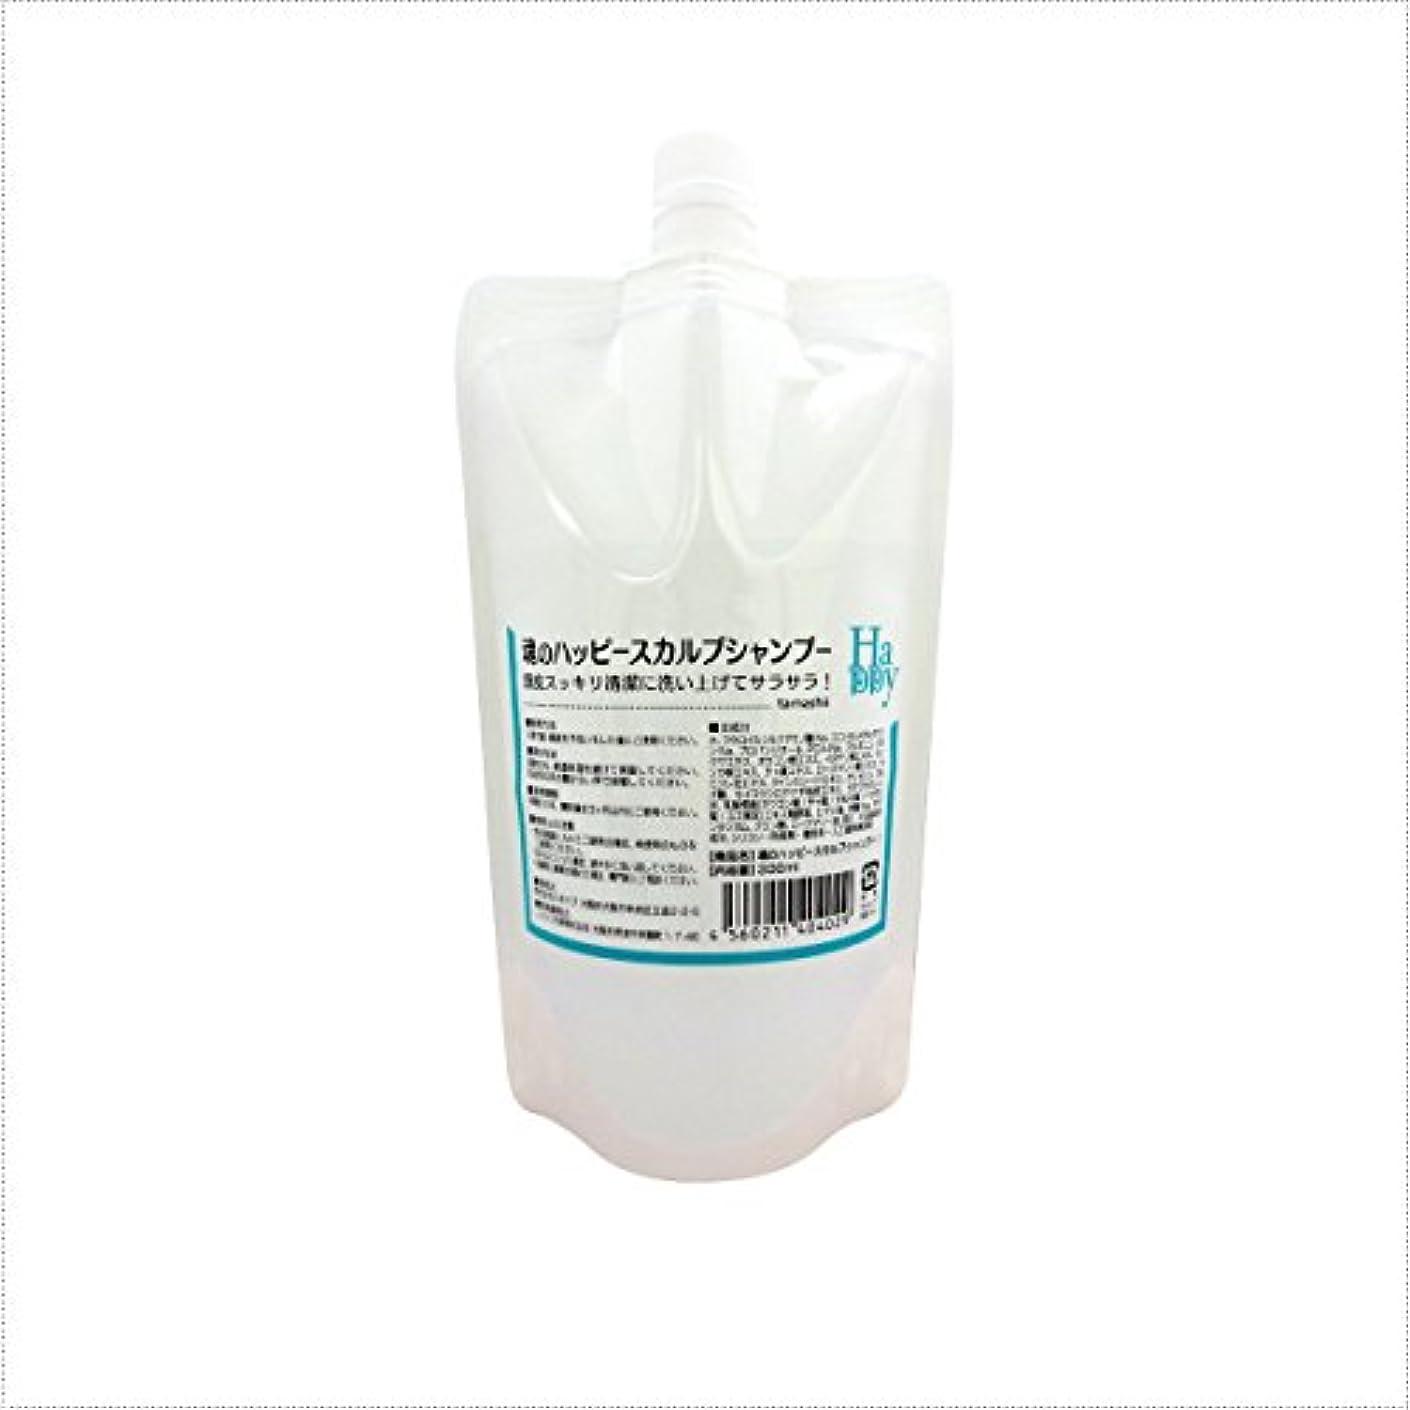 クライマックス戦艦大きなスケールで見るとオーガニック8種 無添加アミノ酸頭皮ケアシャンプー「魂のハッピースカルプシャンプー(ローズマリー)300ml」 詰替えタイプ 洗浄成分に最高級「シルクアミノ酸」使用 天然由来100% 石油系合成界面活性剤?石油系原料?シリコン?合成ポリマー?ポリクオタニウム不使用